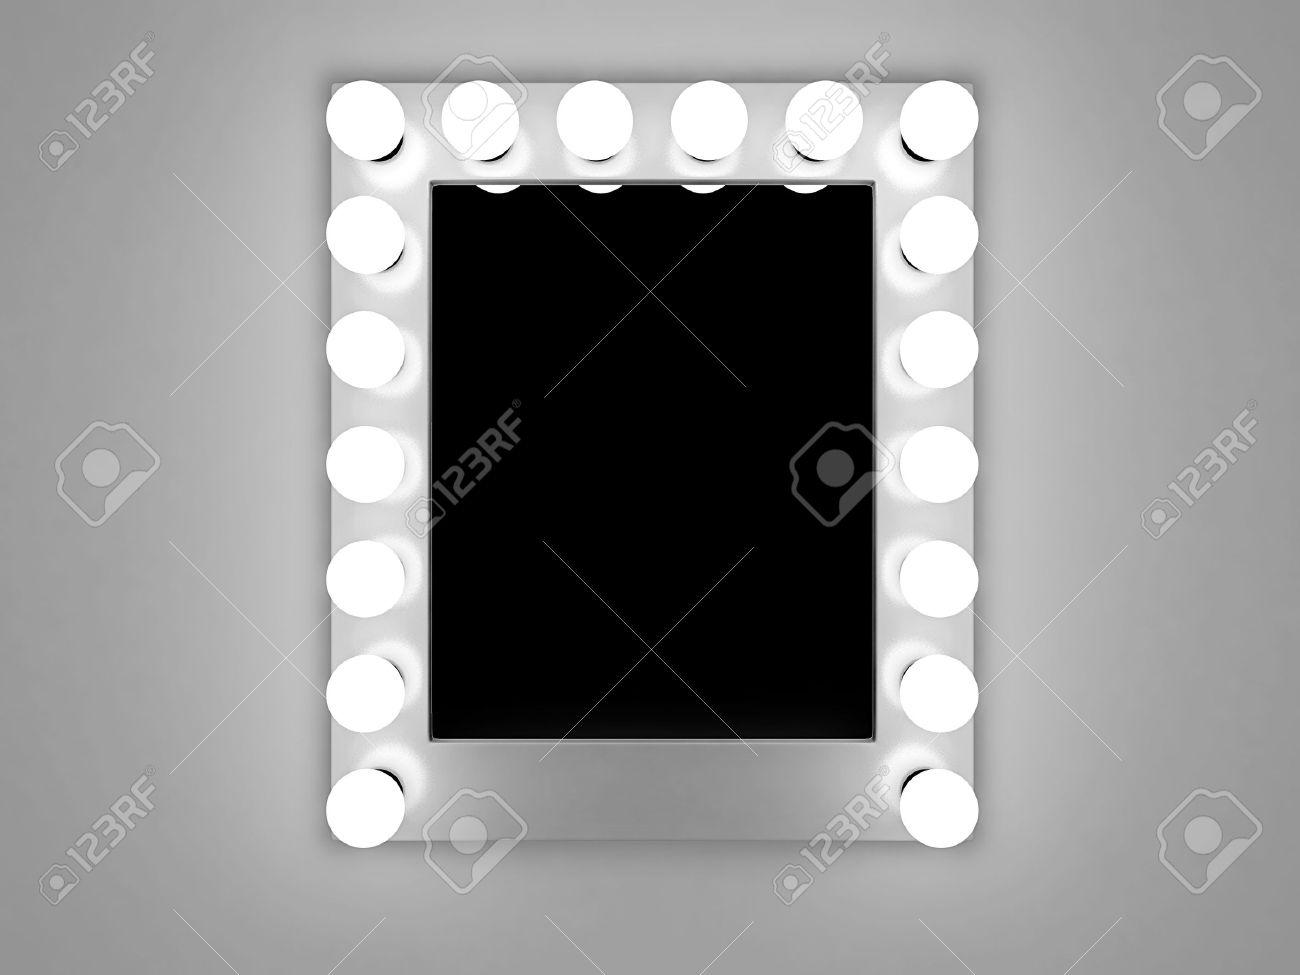 Spiegel Make Up : D darstellung der spiegel mit lampen für make up lizenzfreie